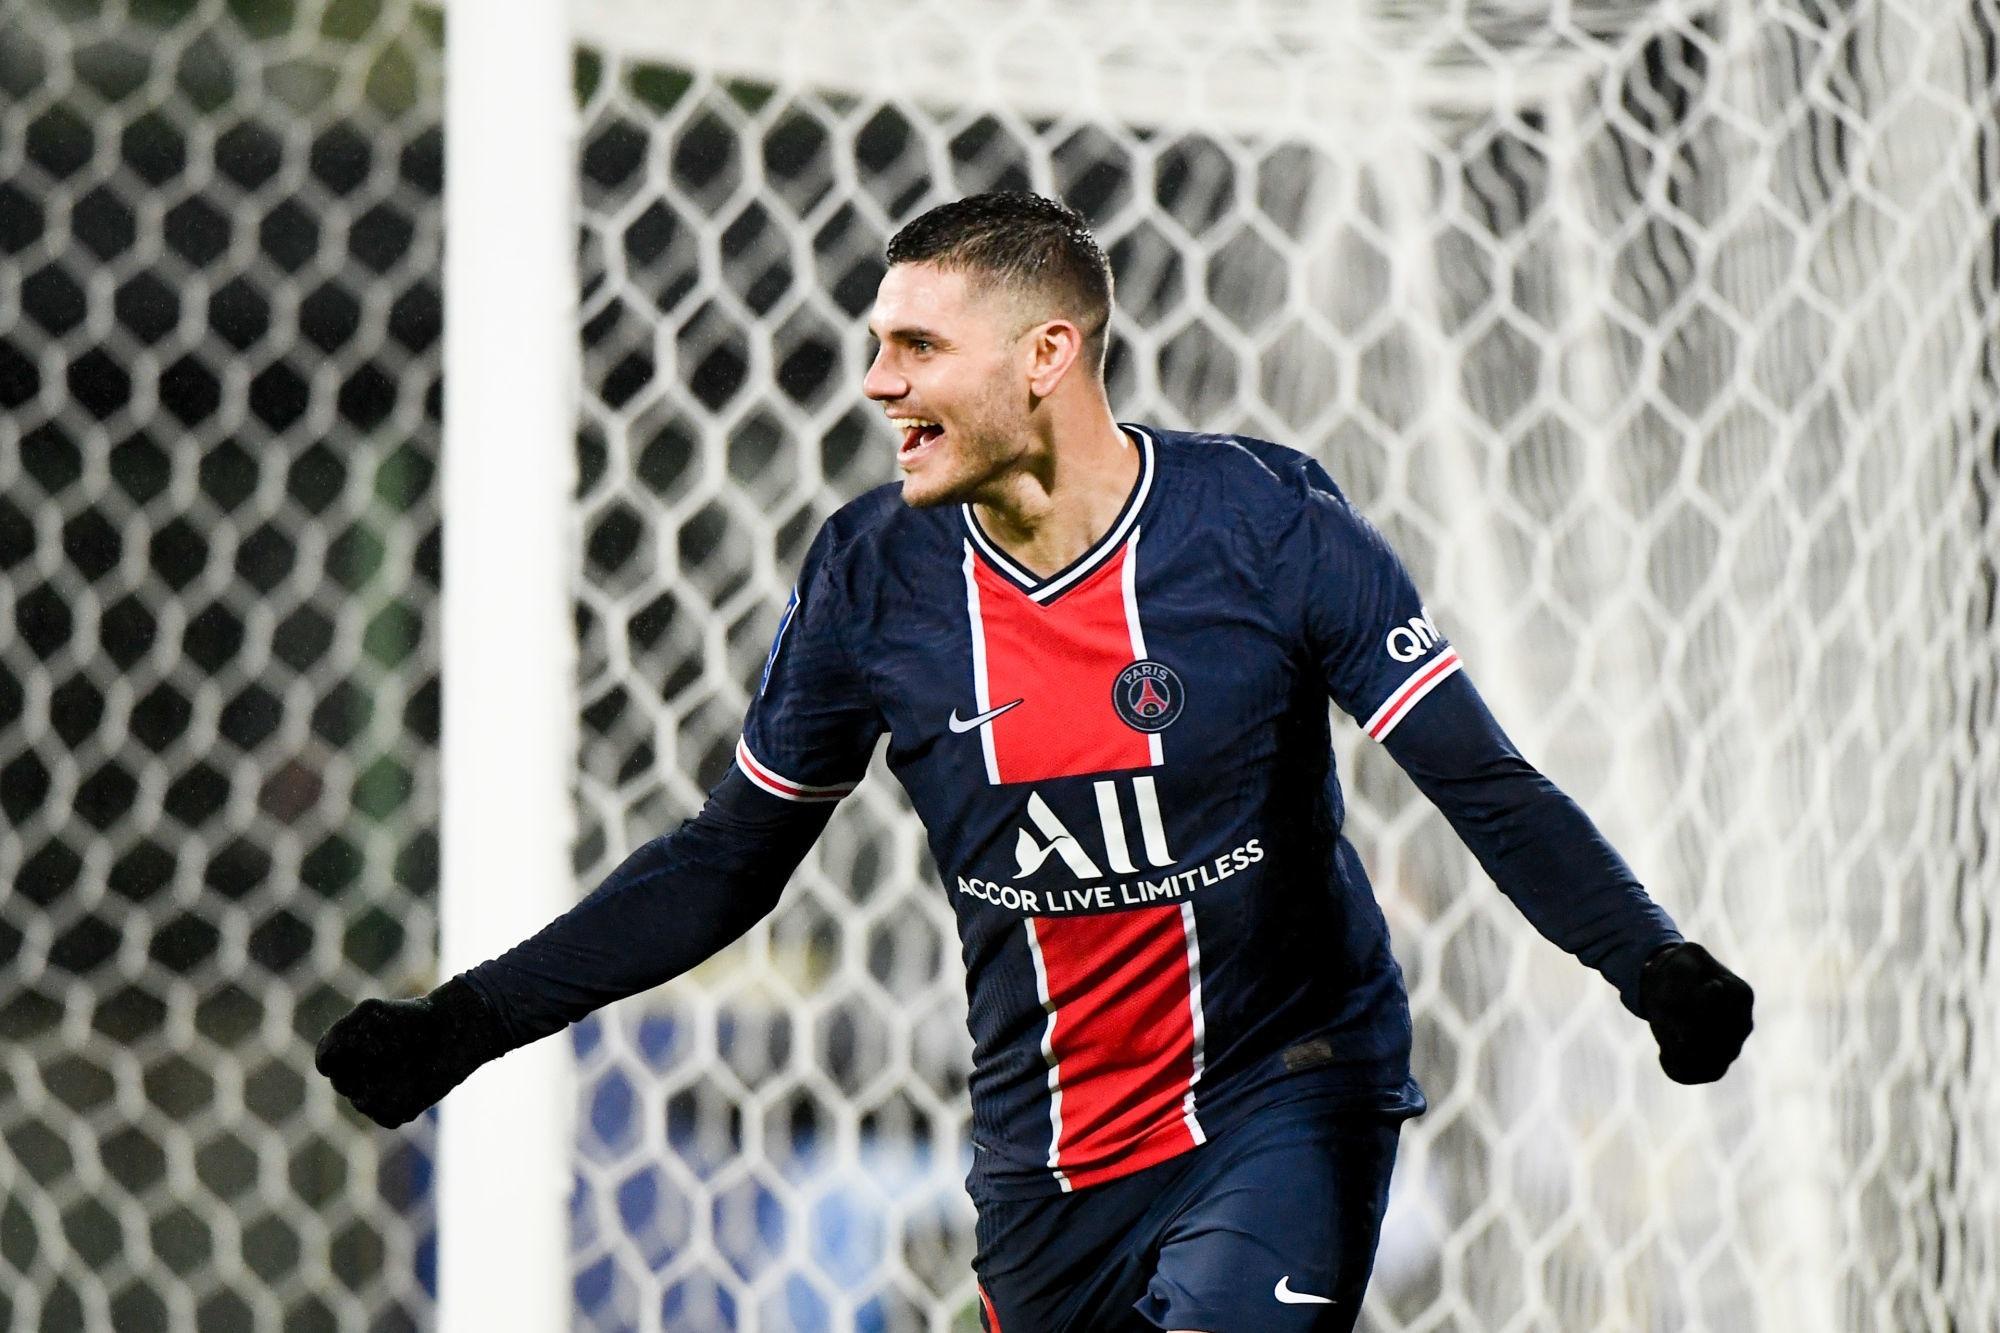 PSG/Lille - Icardi pourrait être disponible, indique L'Equipe